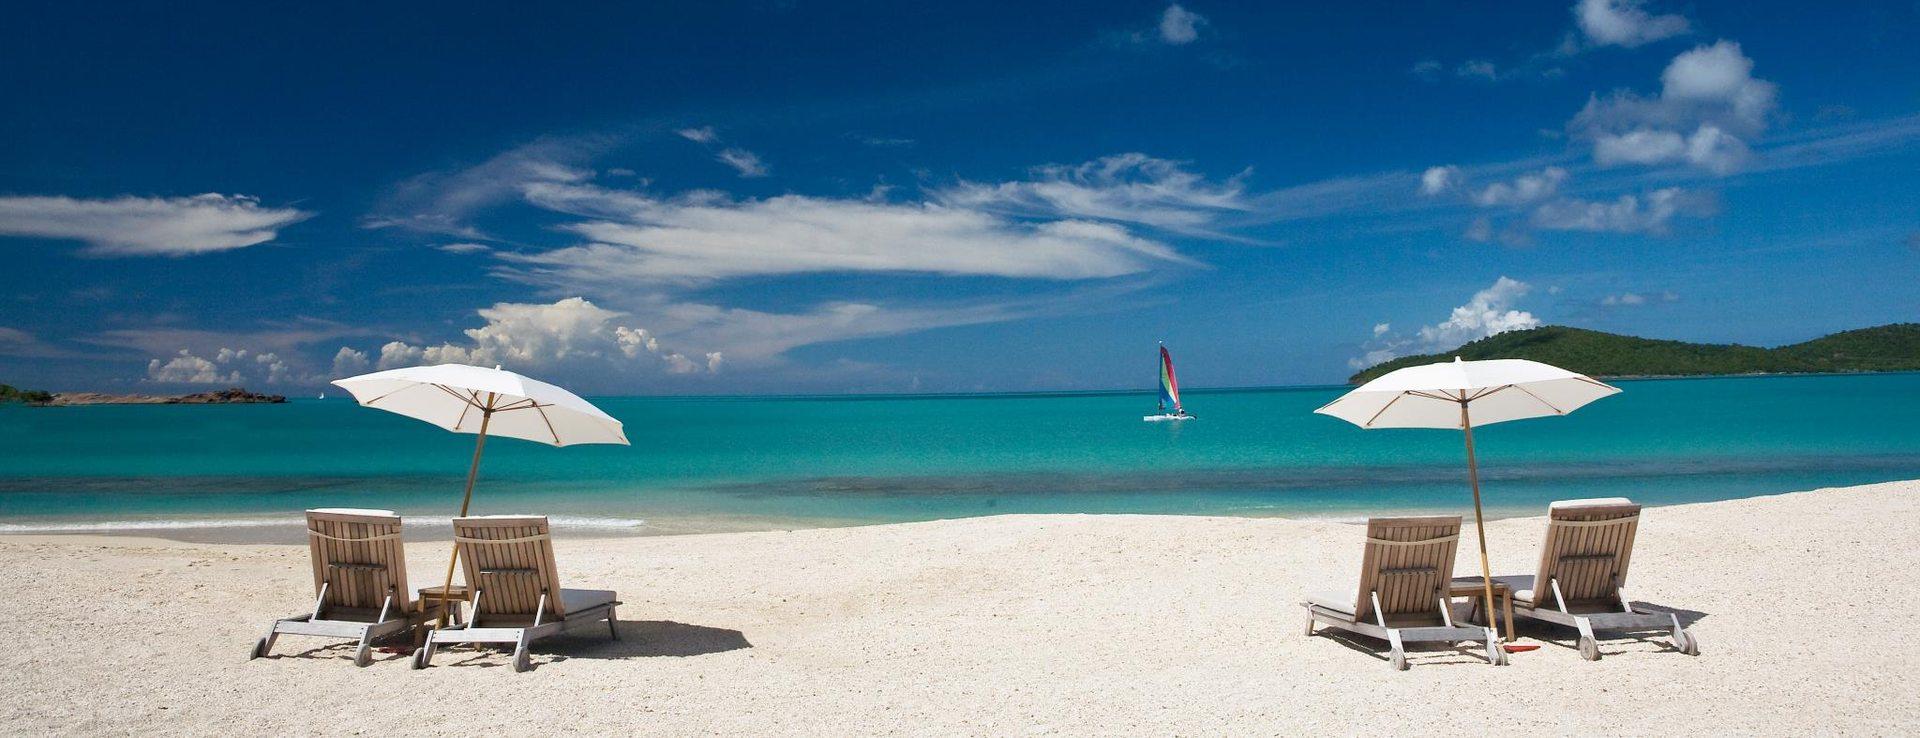 Hermitage Bay, Antigua Image 1